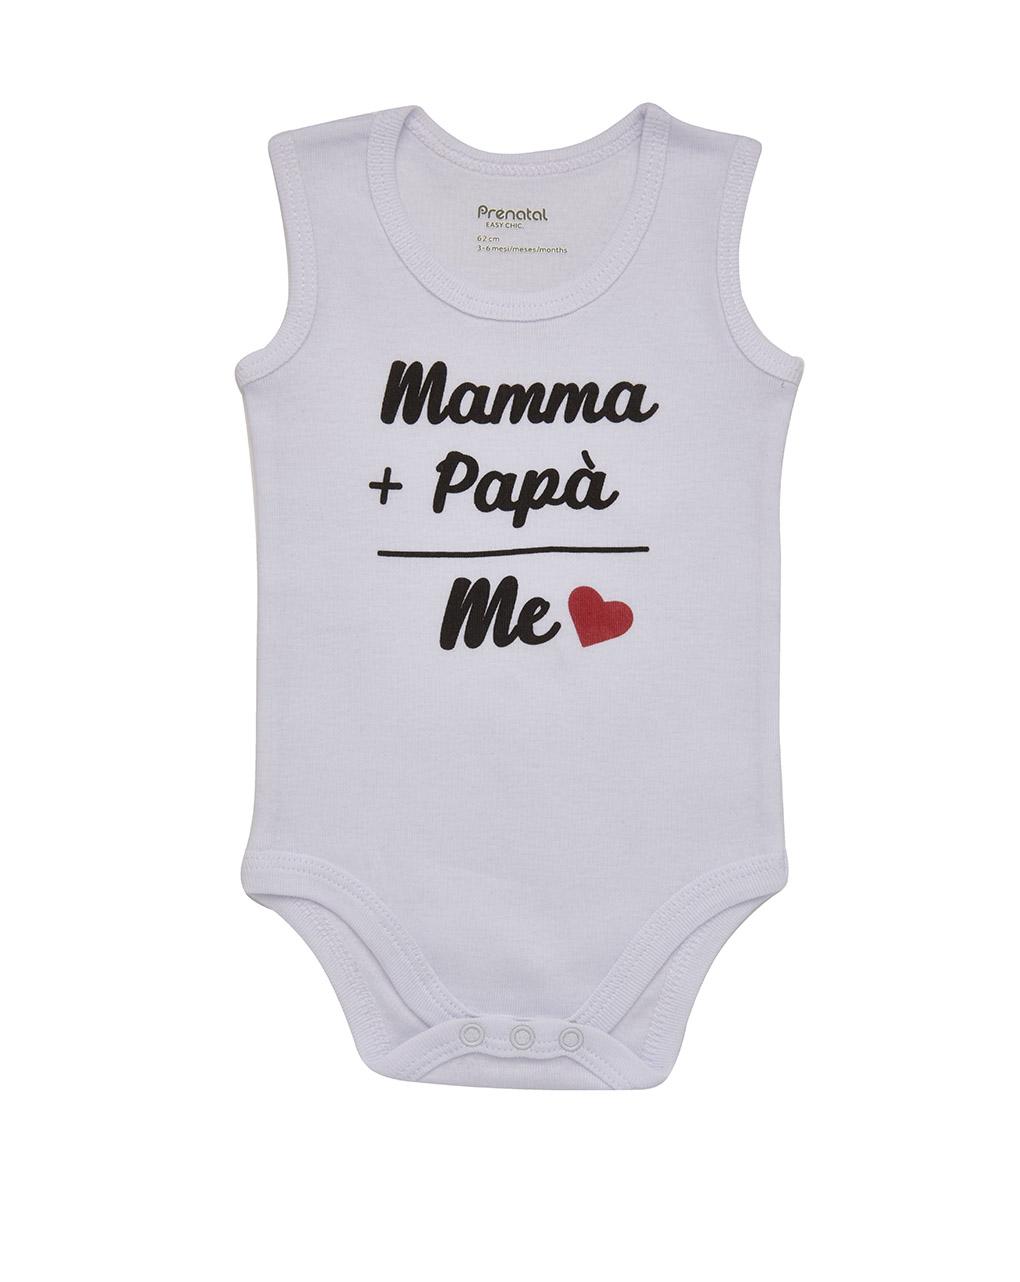 Body stampa mamma + papà - Prénatal